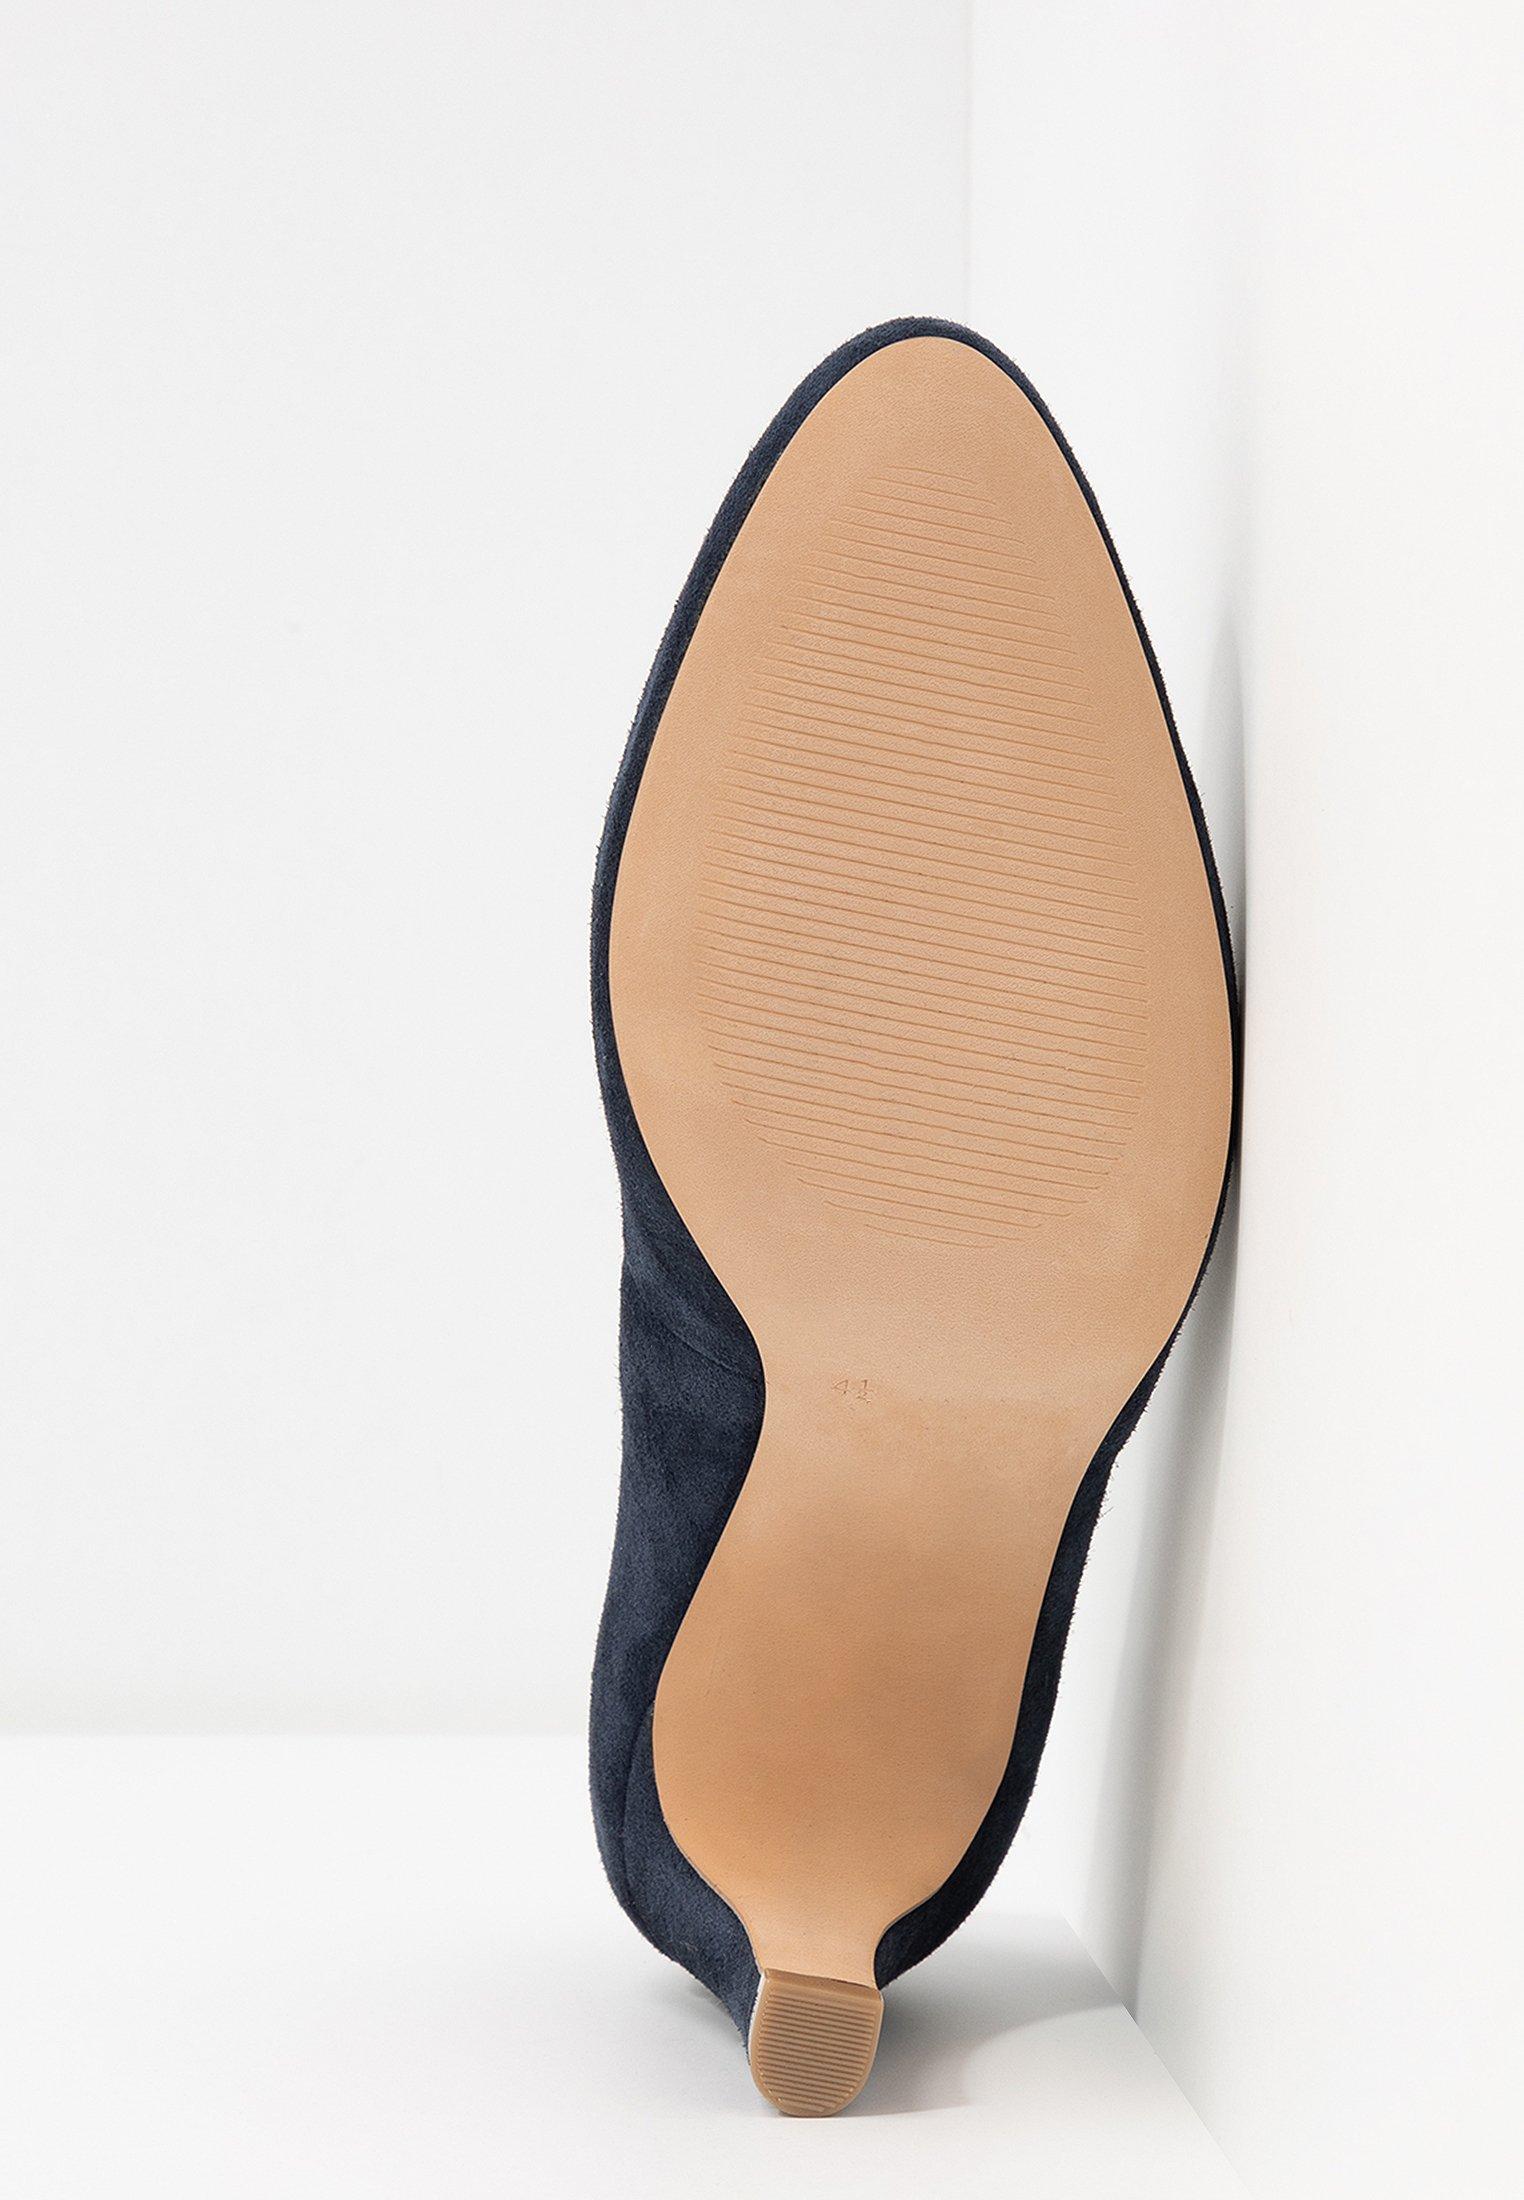 Caprice Escarpins - ocean - Chaussures à talons femme Limité